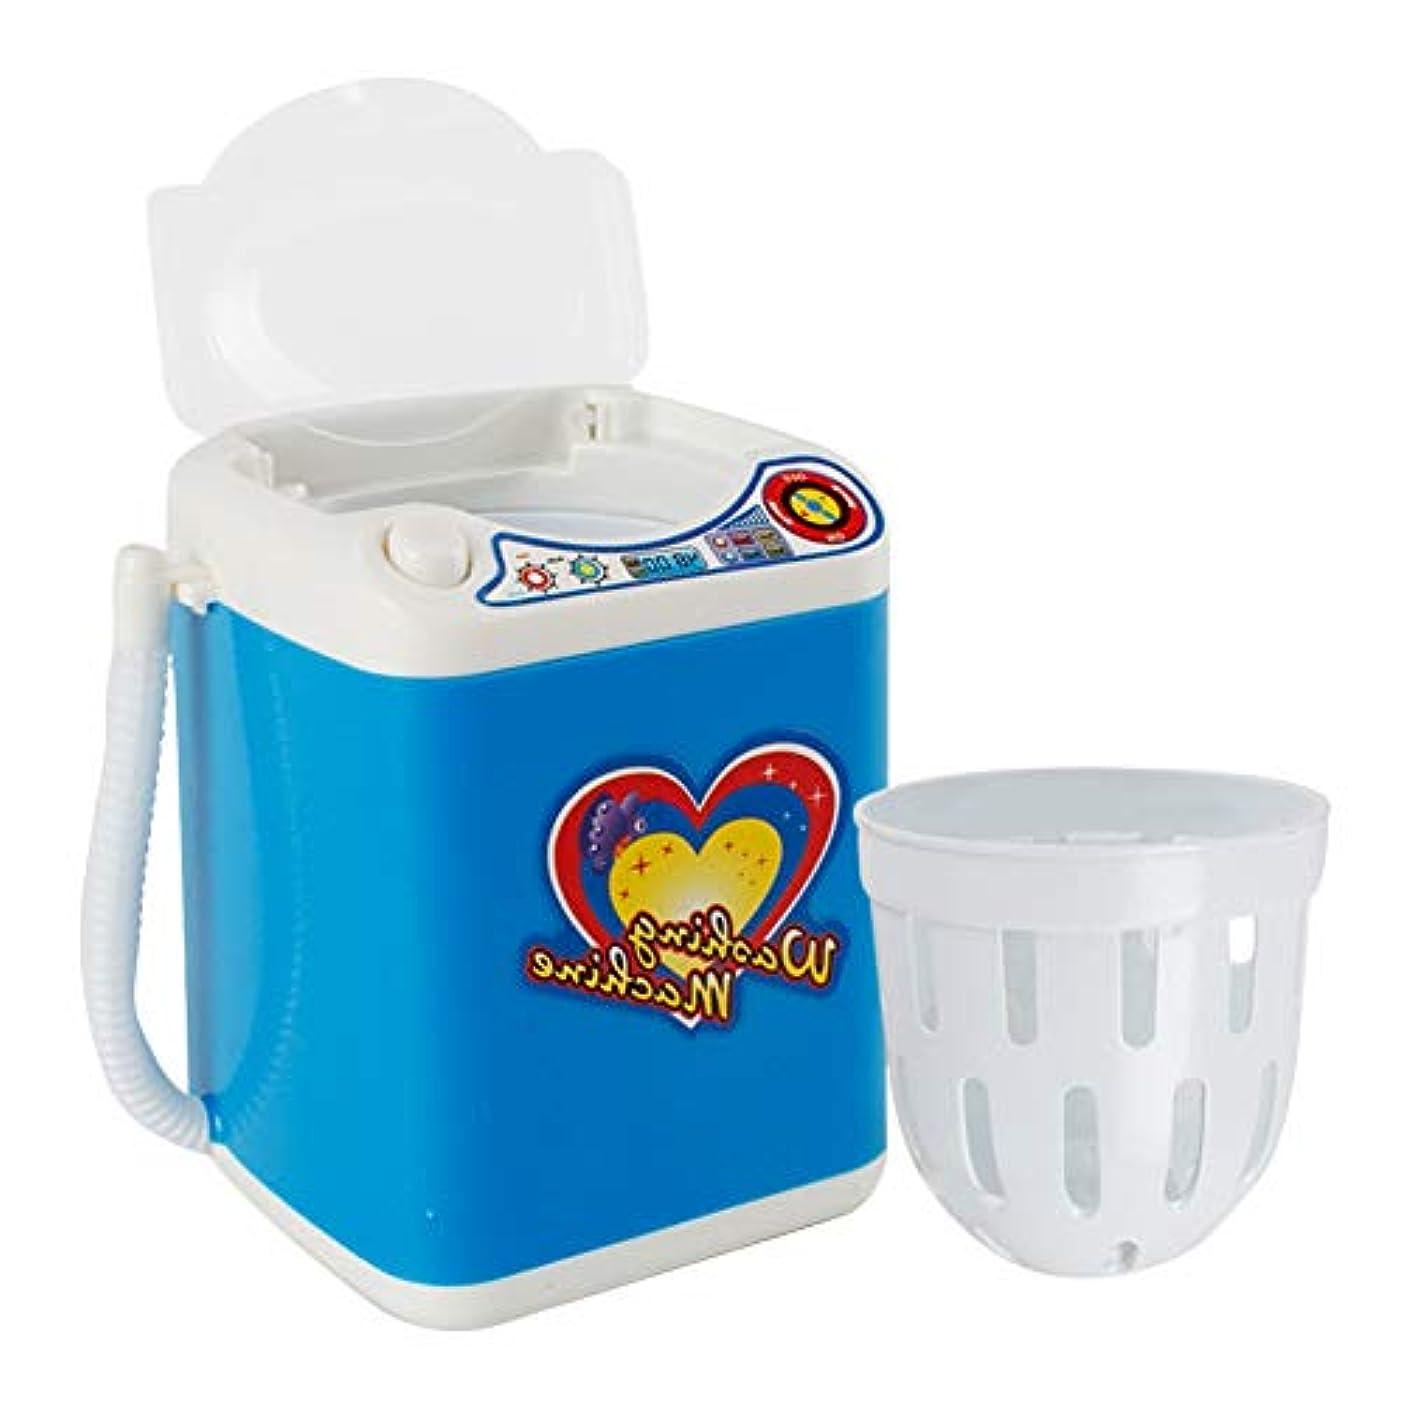 飢死にかけている勇敢なメイクアップブラシクリーナースピナーマシン - 電子ミニ洗濯機形状自動化粧ブラシクリーナー乾燥ブラシ、スポンジとパウダーパフのためのディープクリーニング(青)